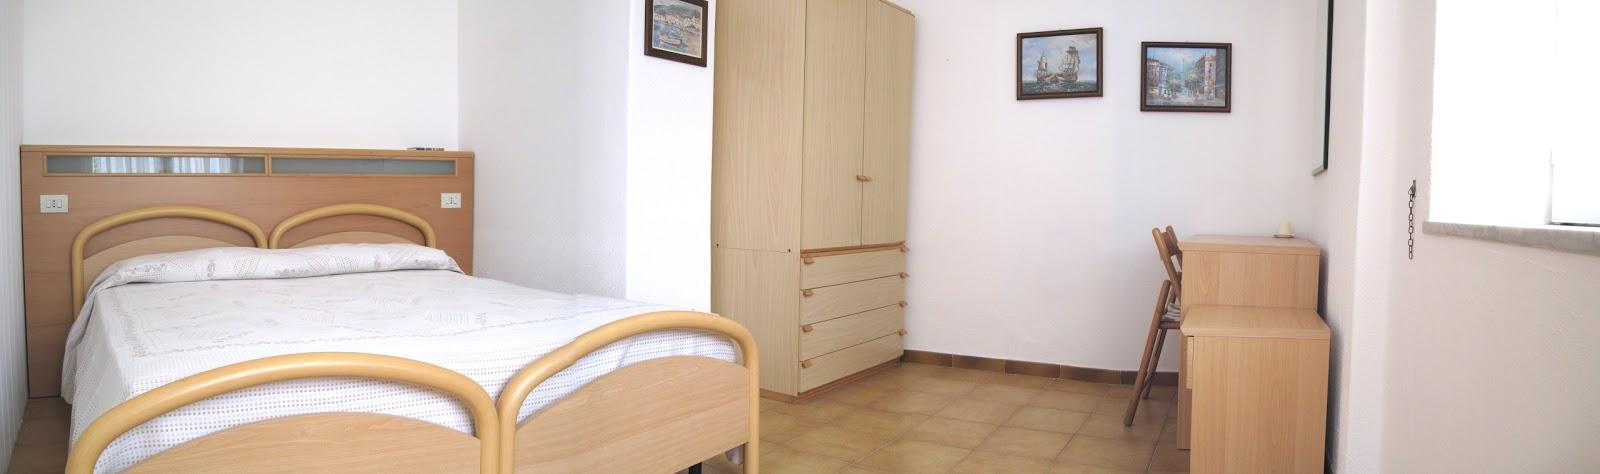 Appartamenti ischia appartamenti ischia for Appartamenti ischia